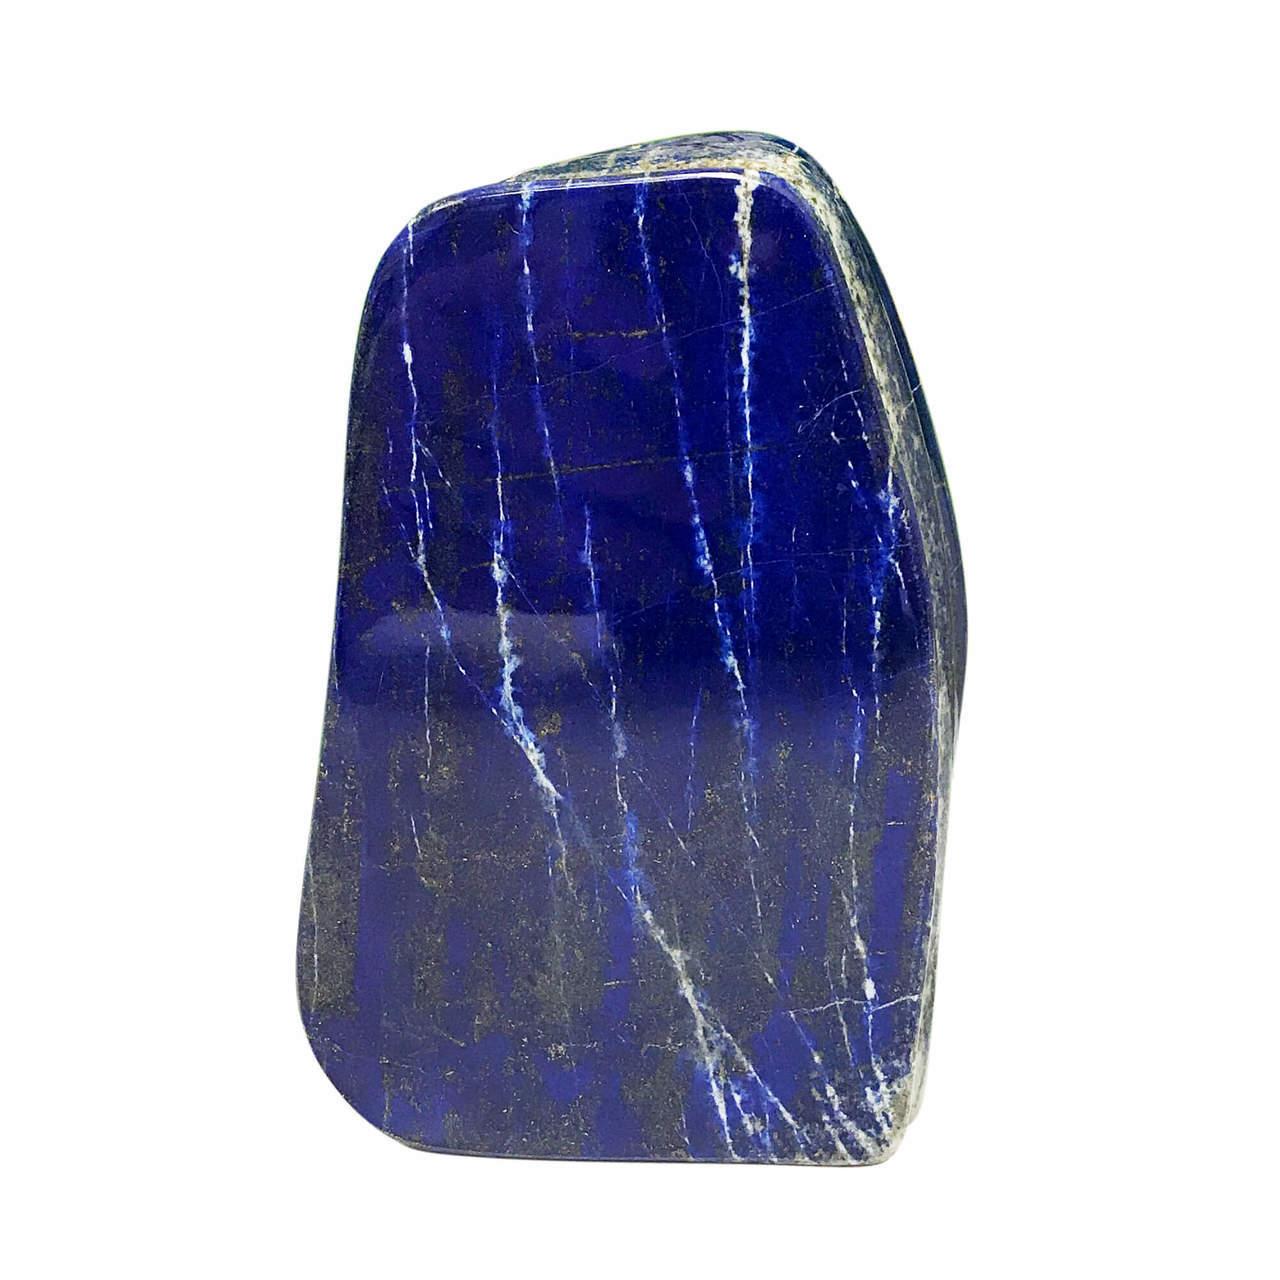 Đá Lapis Lazuli là gì? Bạn đã biết gì về đá Lapis Lazuli? 1